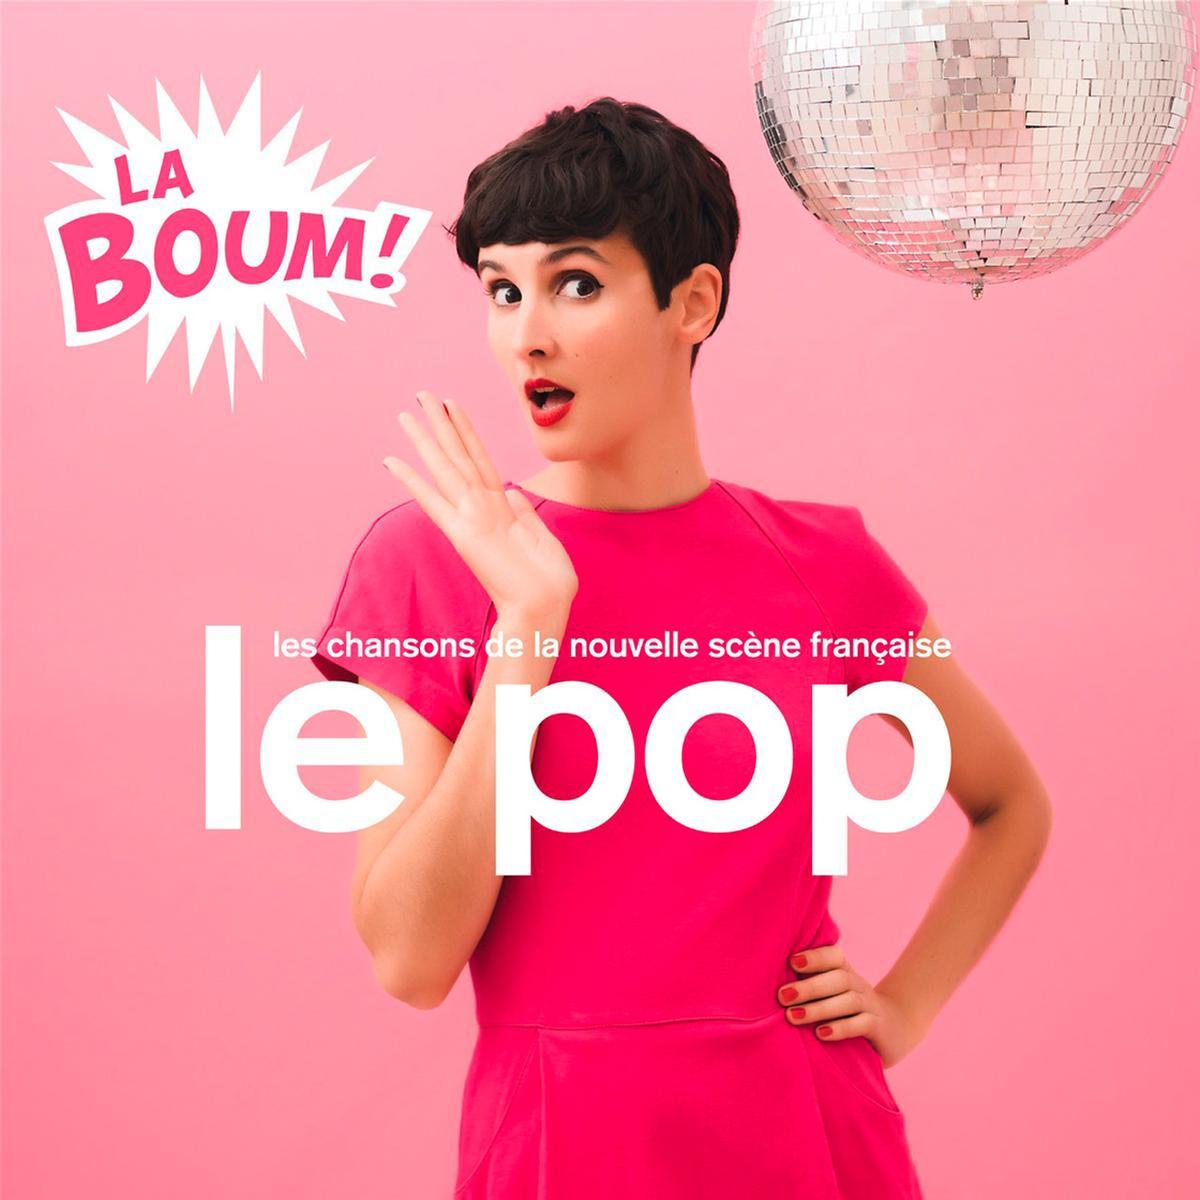 V.A. - Le Pop La Boum